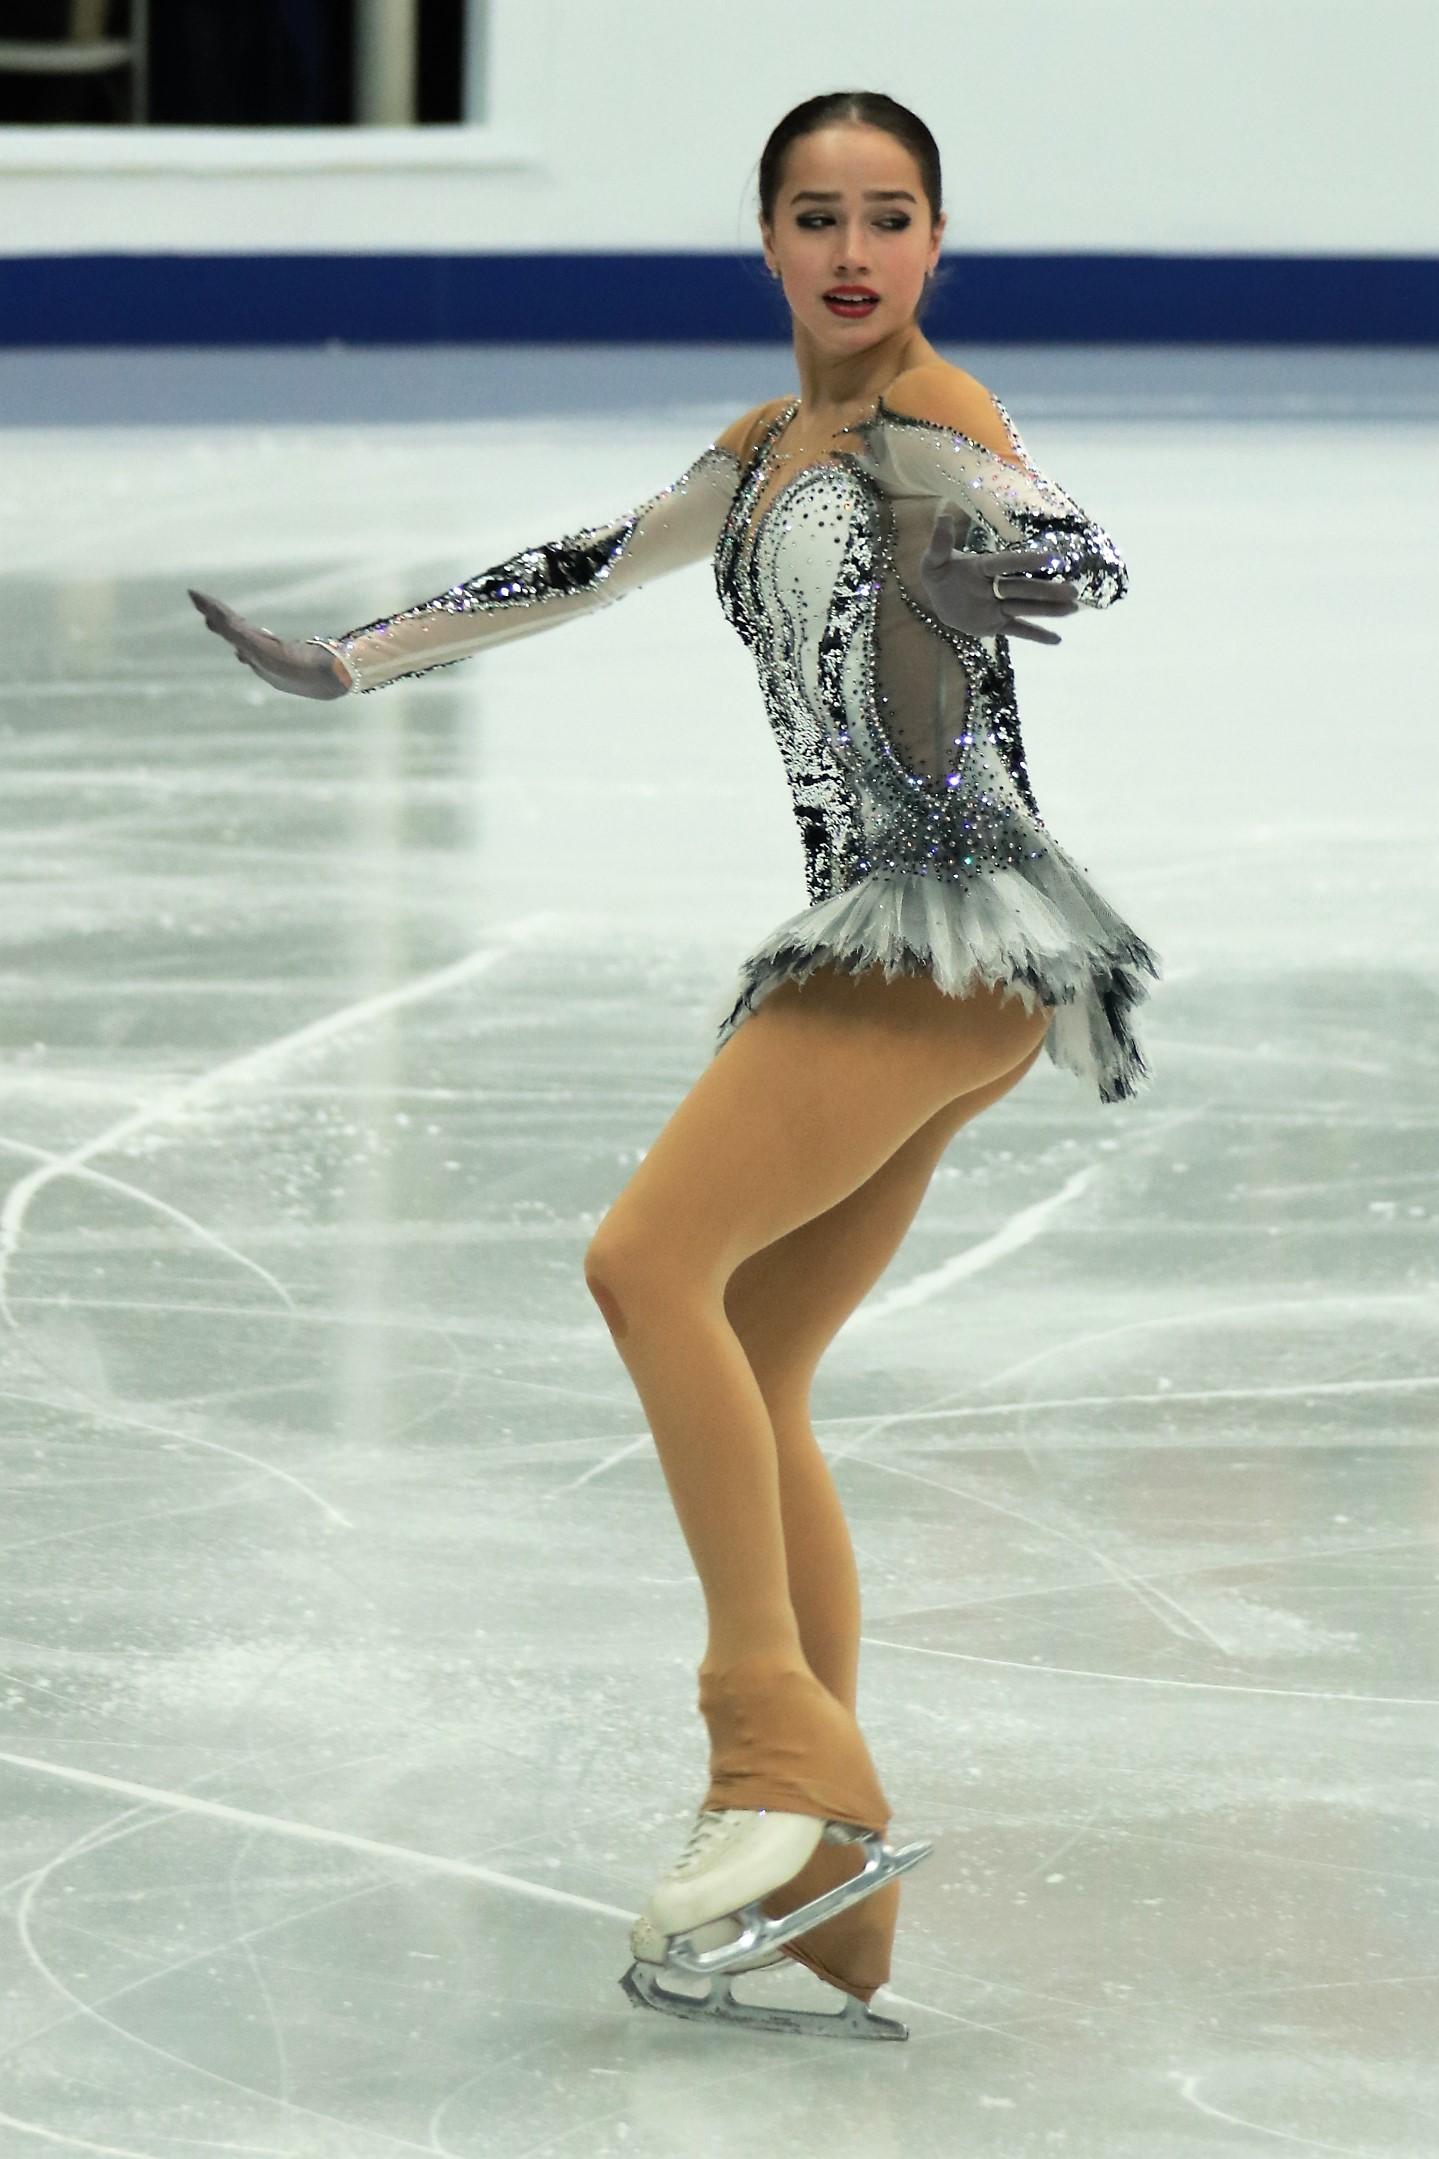 Nữ hoàng sân băng 15 tuổi người Nga phá kỷ lục thế giới tại Olympic mùa đông - Ảnh 4.